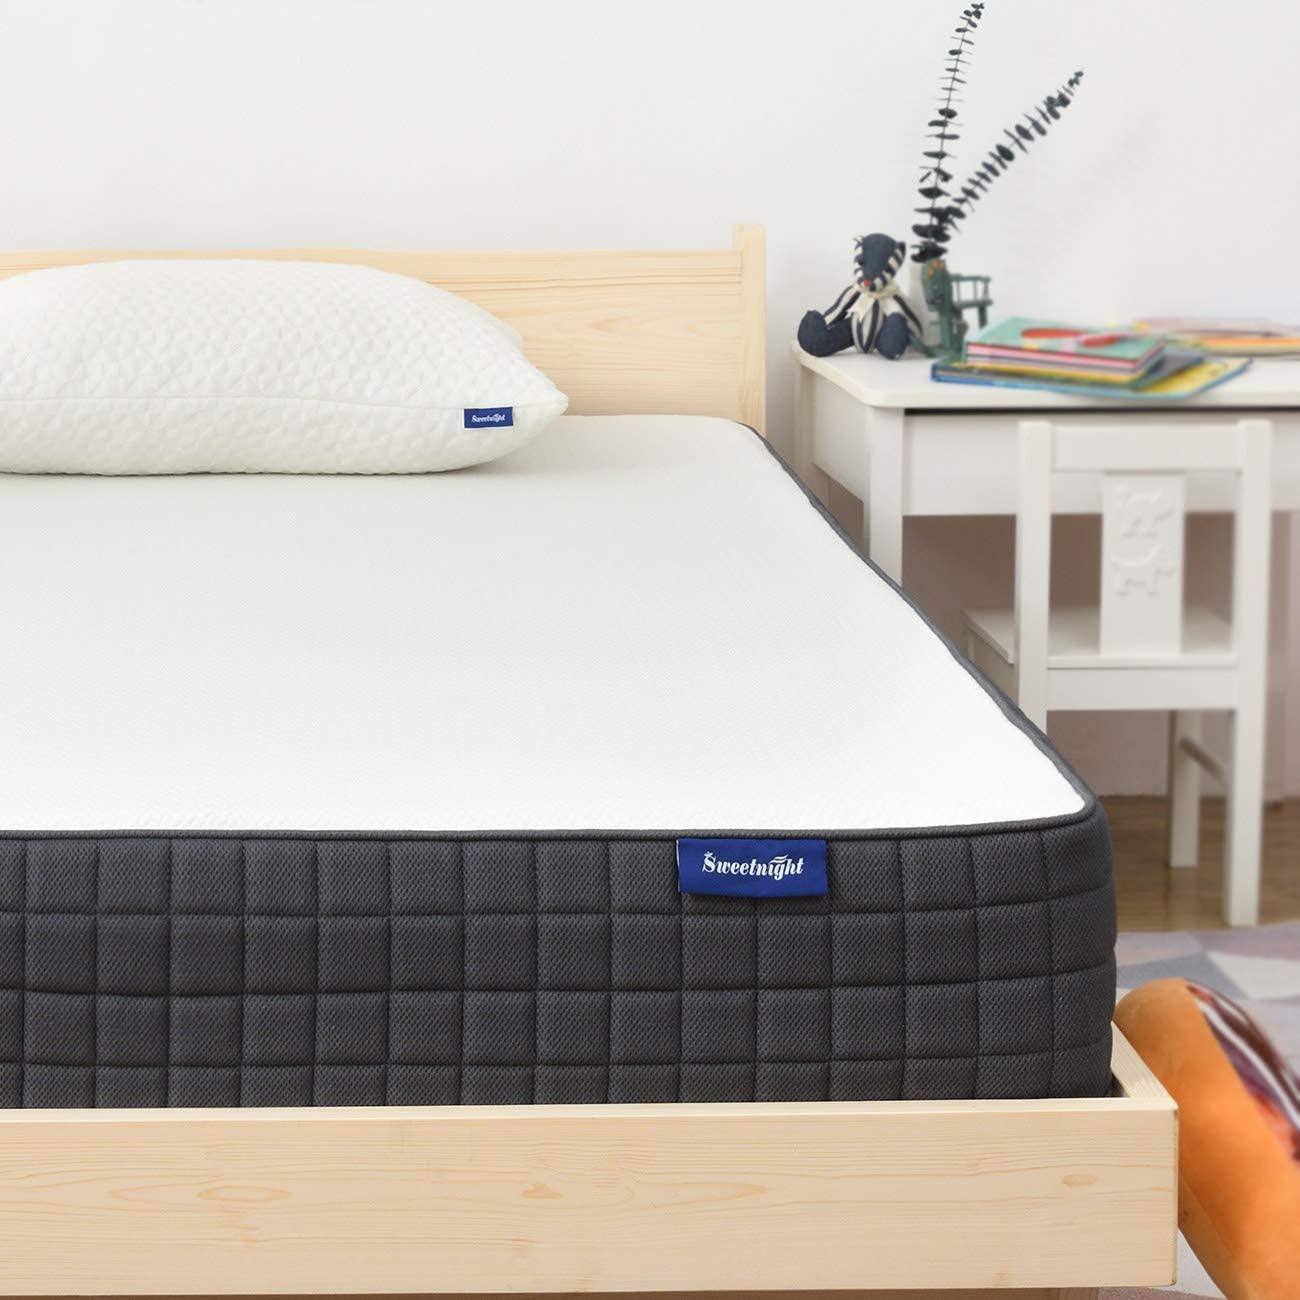 Queen Mattress- Sweetnight Breeze Queen Size Mattress, Medium Firm Memory Foam Mattress for Sleep Cool & Pressure Relief, 8 Inch